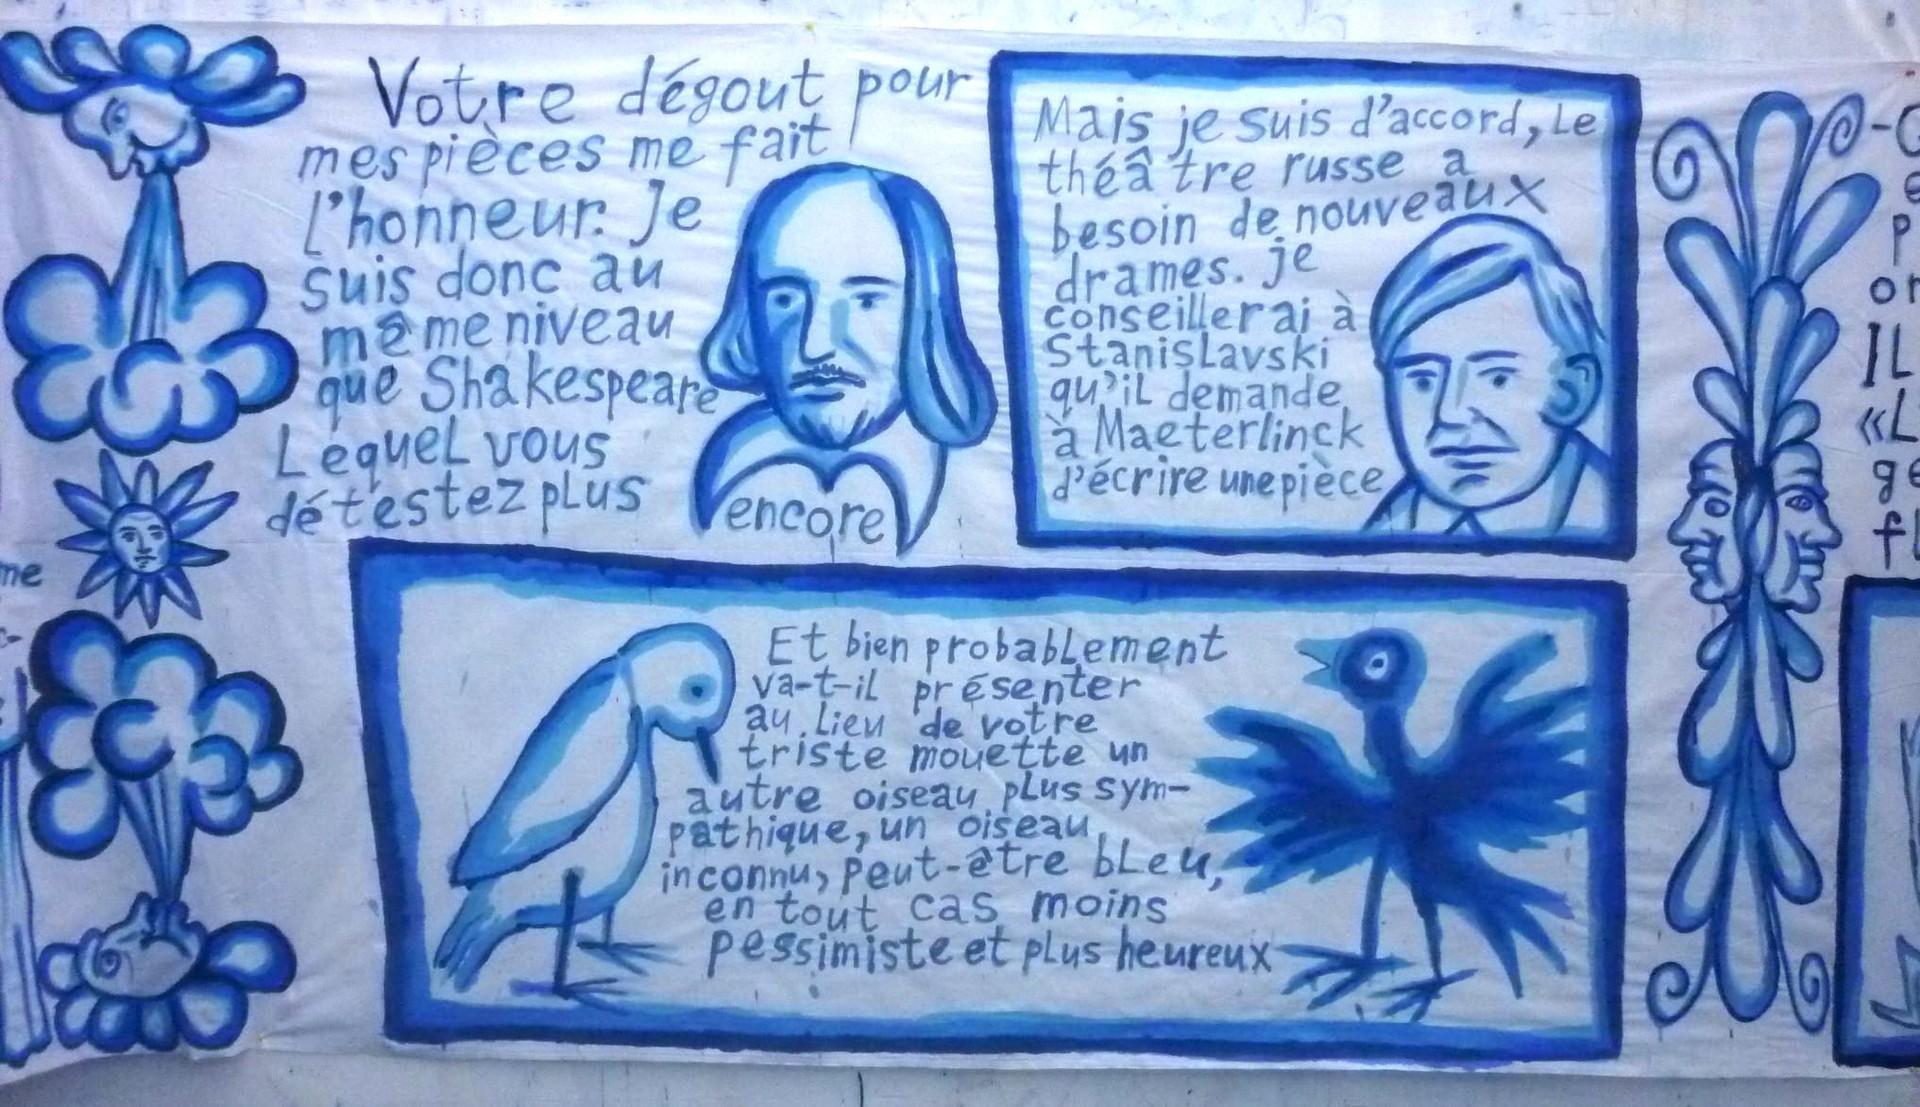 Gueorgui Lititchevski. Détails de la bande dessinée du projet « L'intelligence des fleurs ». 2019. Acrylique sur tissu. 1,5 x 13 m.